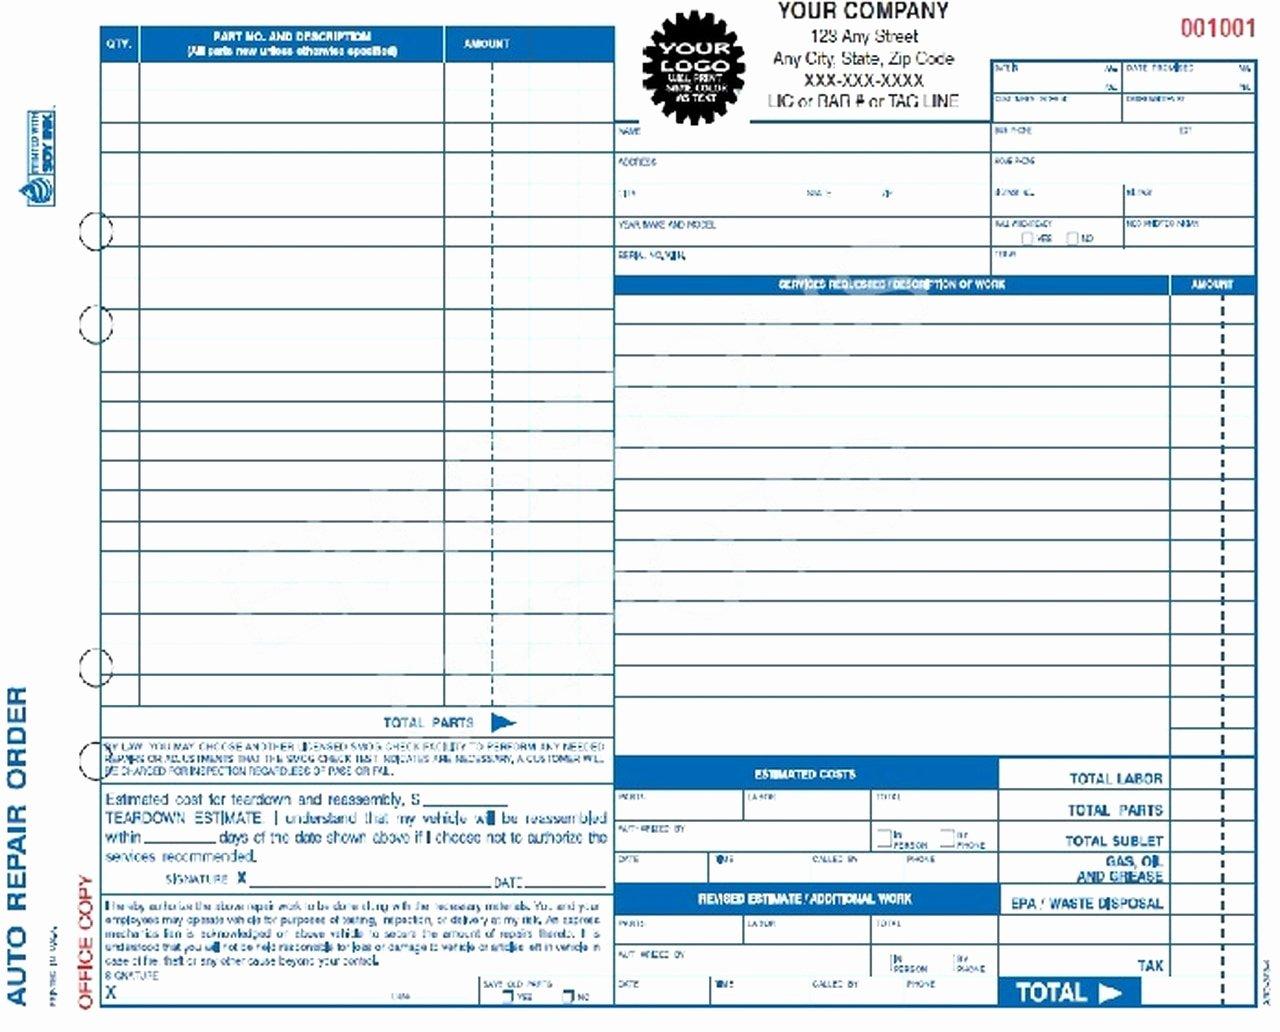 Computer Repair Work order Template Unique Aro 373 4 Auto Repair Work order Invoice 4 Part Carbon Copy